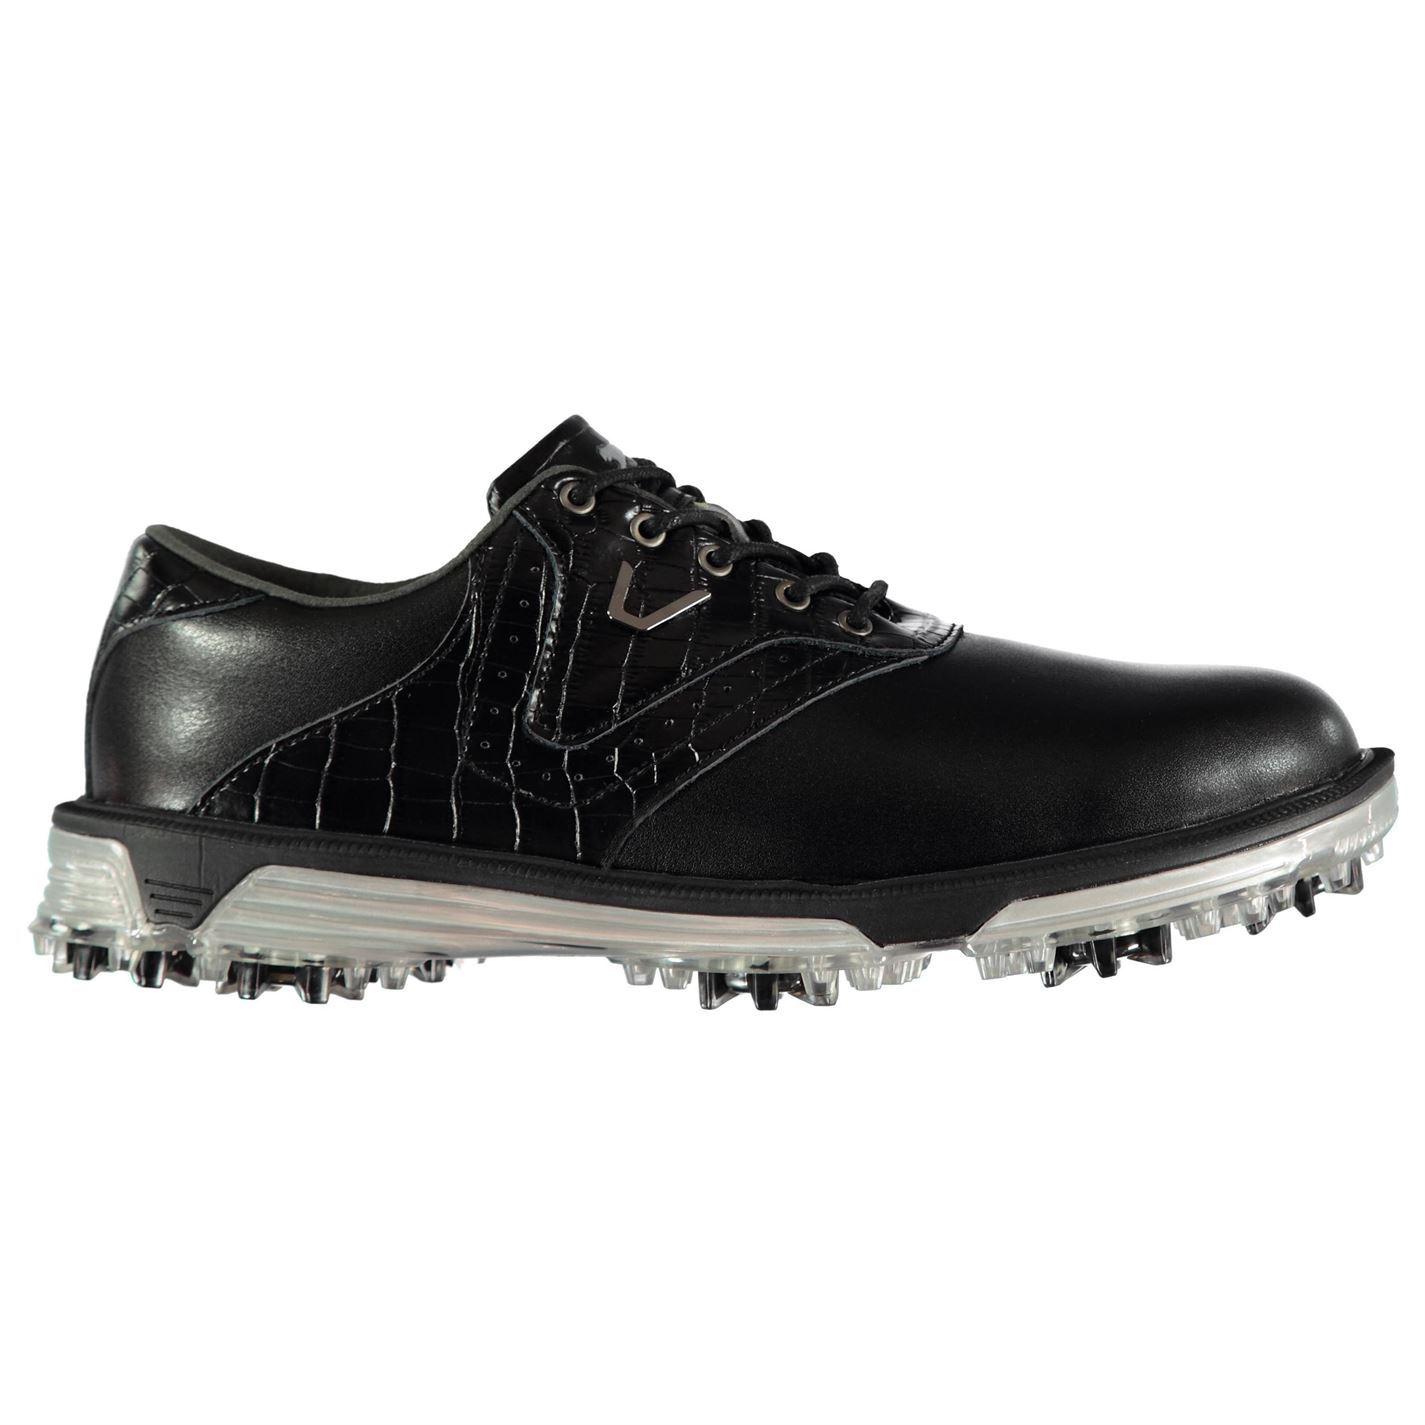 Slazenger-V500-Golf-Shoes-Mens-Spikes-Footwear thumbnail 5